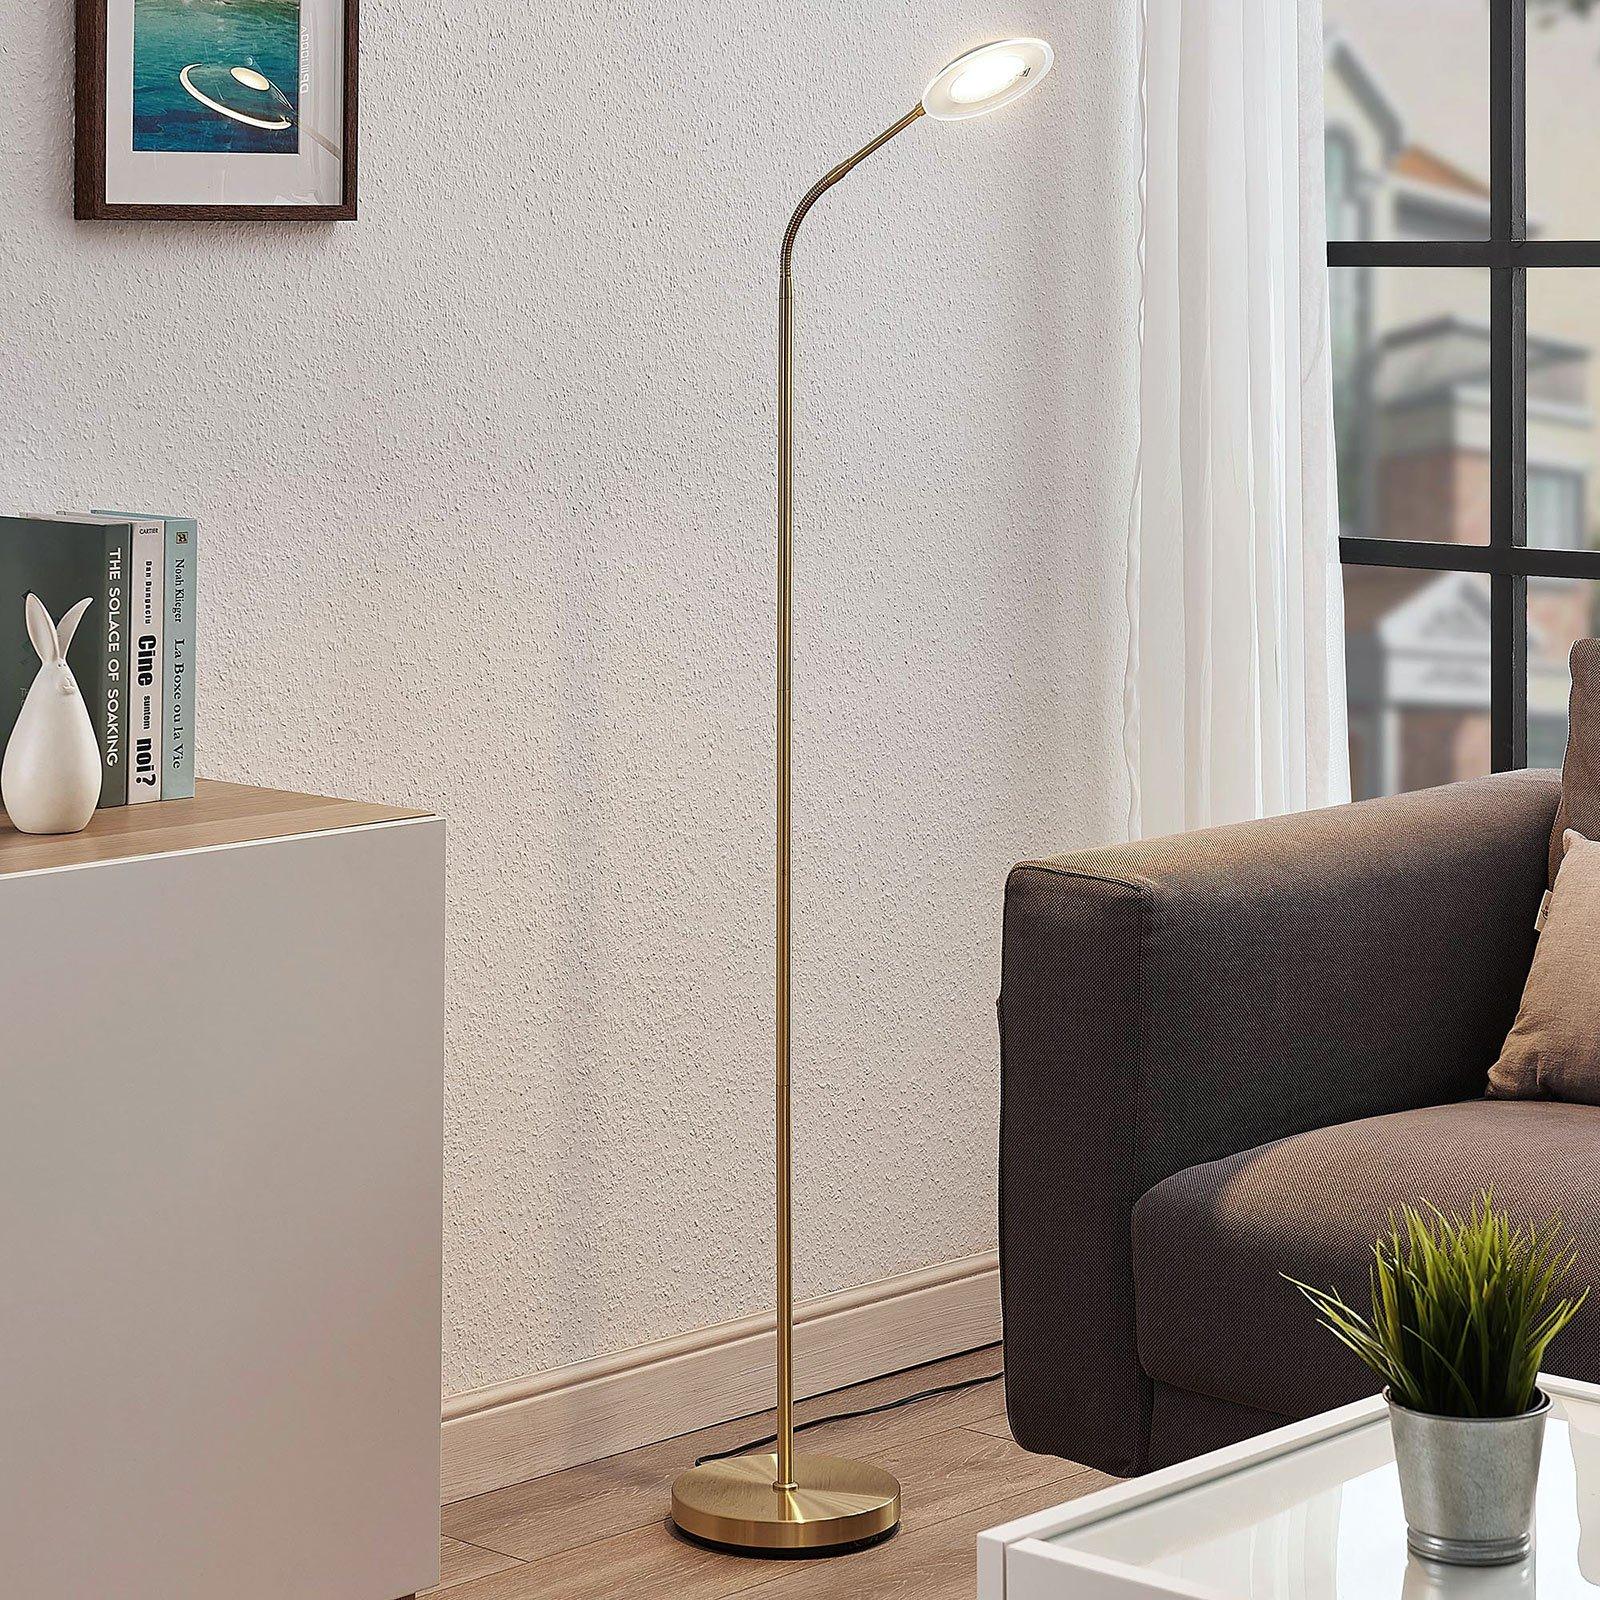 LED-leselampe Meghan, justerbar, messing